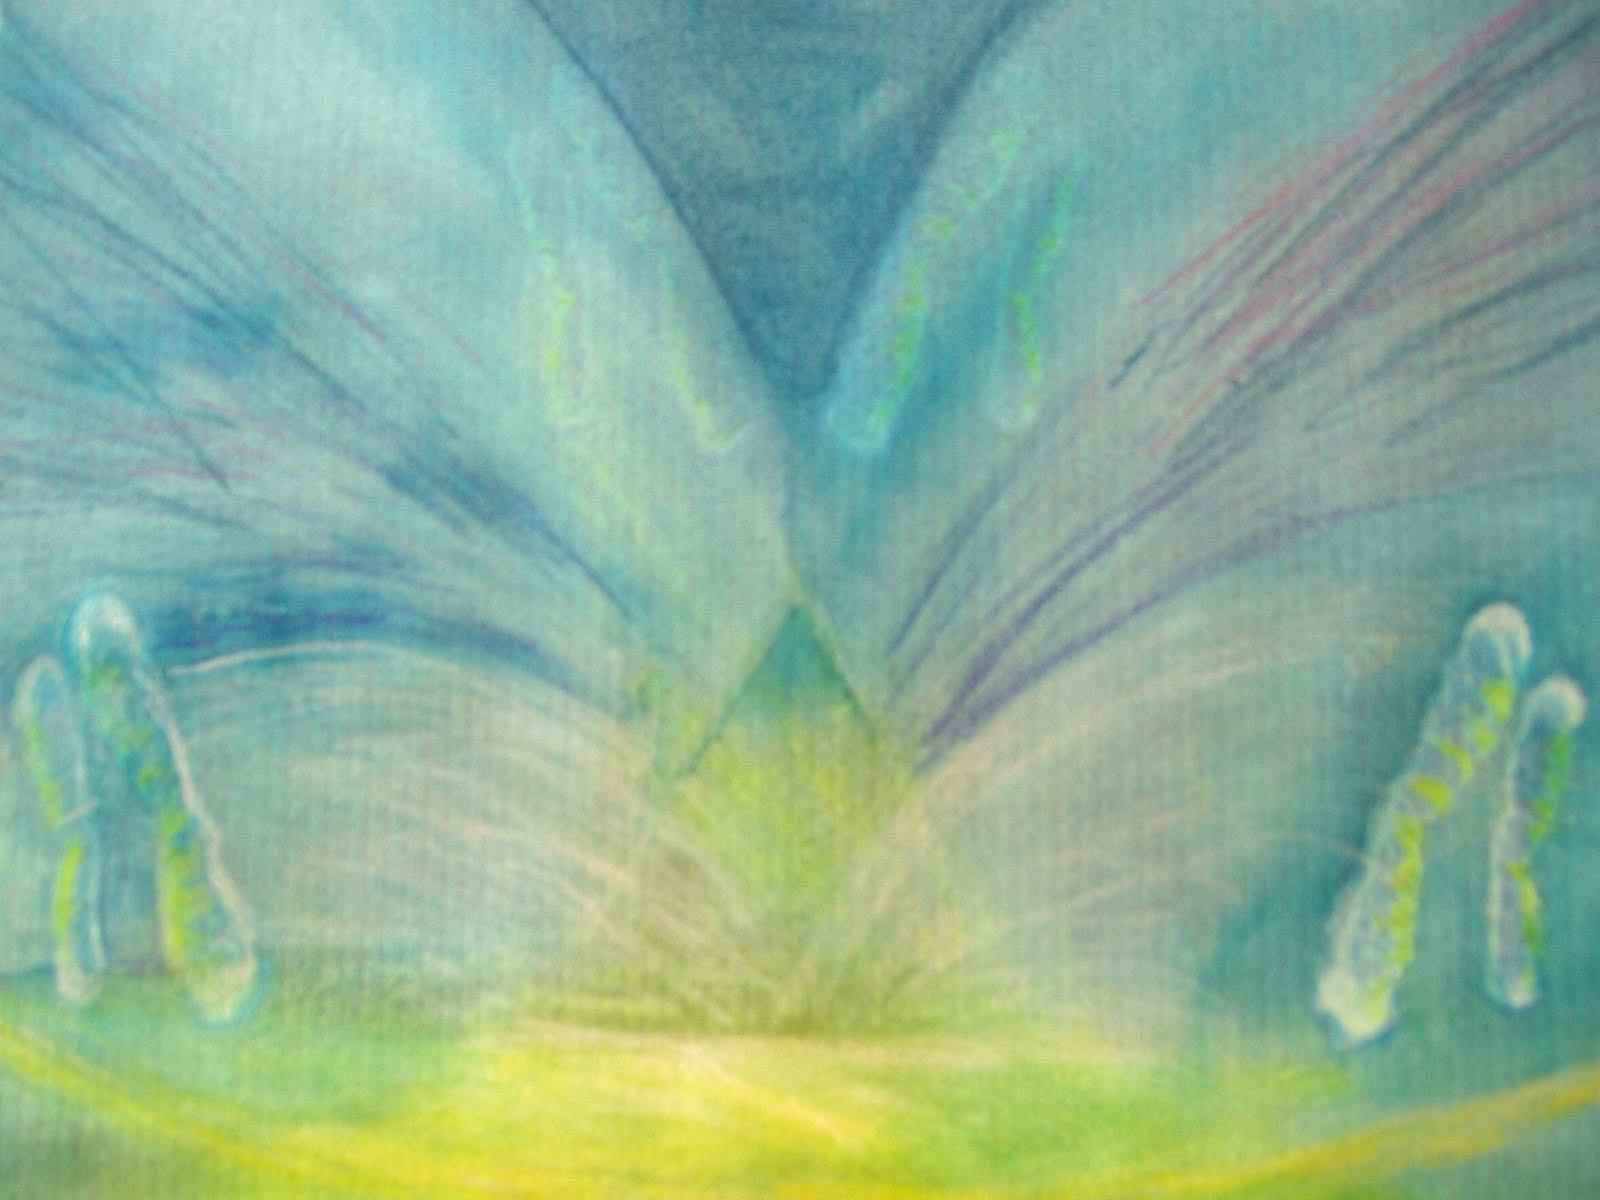 http://1.bp.blogspot.com/_Y9Q_XtRI7i8/S8T_MkQYUtI/AAAAAAAABTA/t3xzqcY9B0g/s1600/water-colour-light.jpg